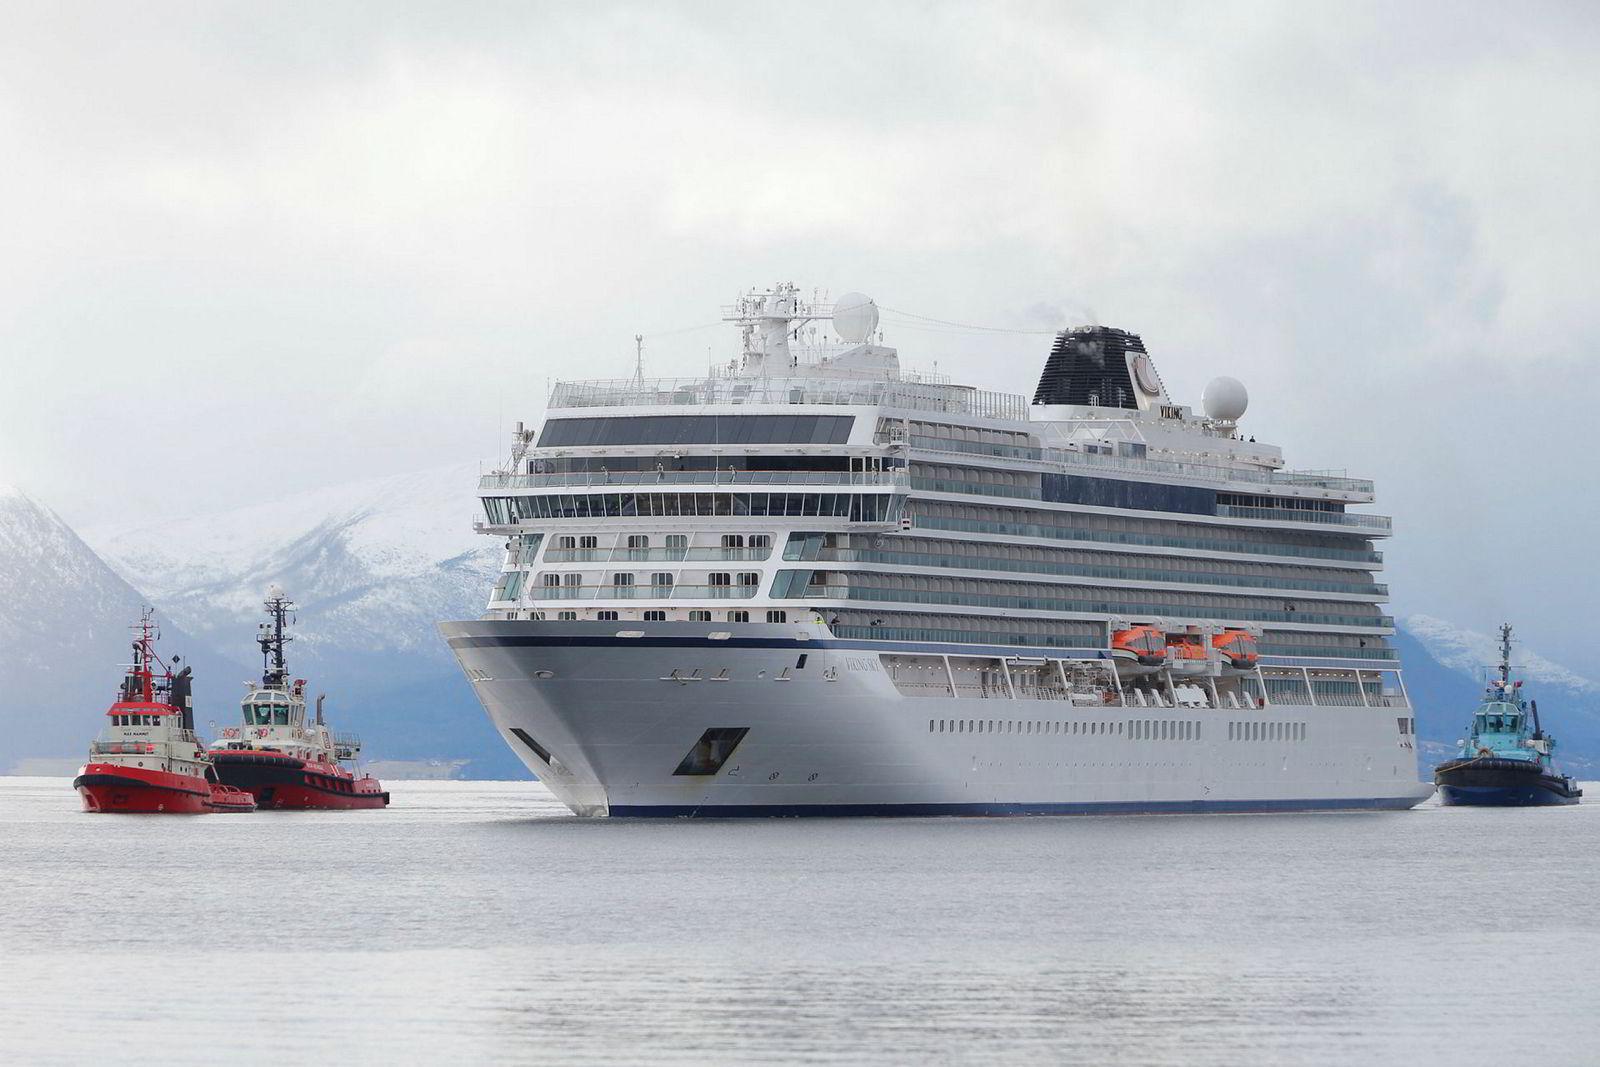 Torstein Hagens rederi Viking cruises er mest kjent for sine 60 elveskip som går i kanaler rundt om i Europa, men rederiet eier også seks cruiseskip som både går europeisk farvann og på andre kontinenter